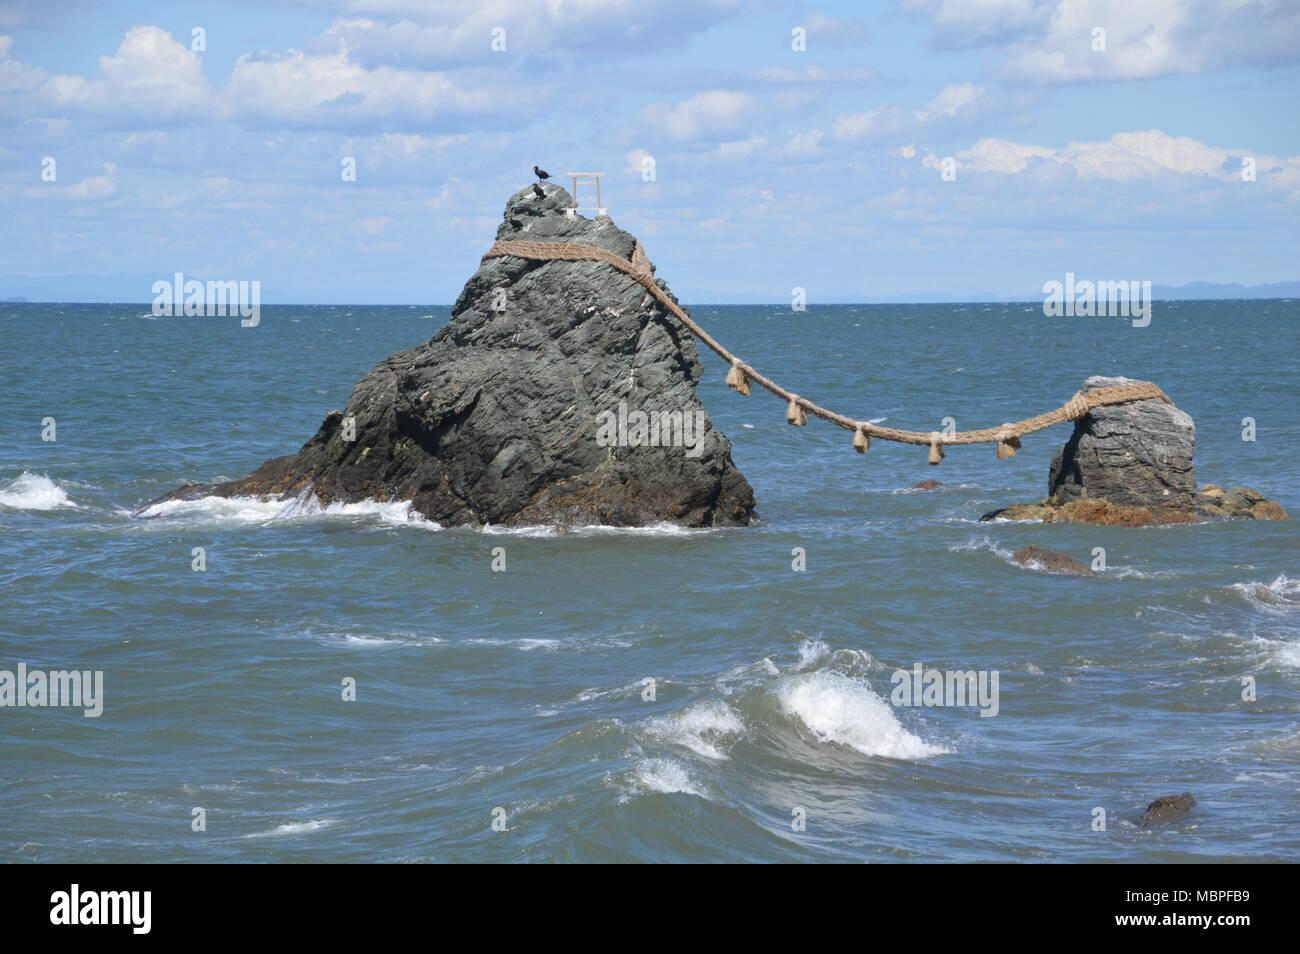 Meoto Iwa (Wedded Rocks) At Ise Japan - Stock Image